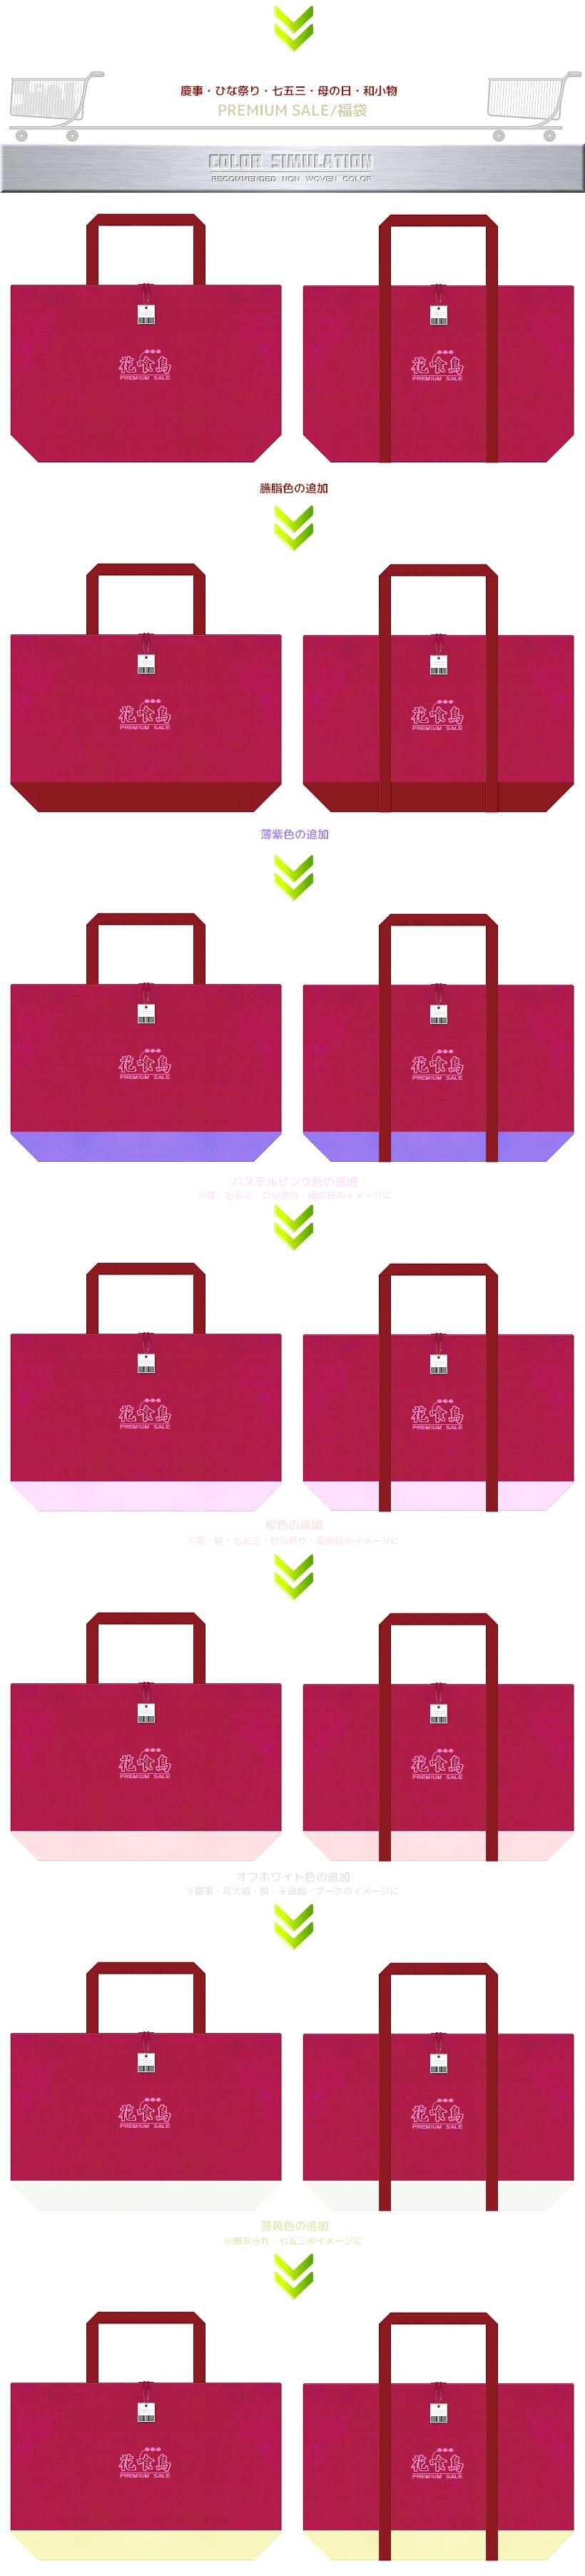 濃いピンク色と臙脂色メインの不織布ショッピングバッグのカラーシミュレーション:プレミアムセールのショッピングバッグ・福袋